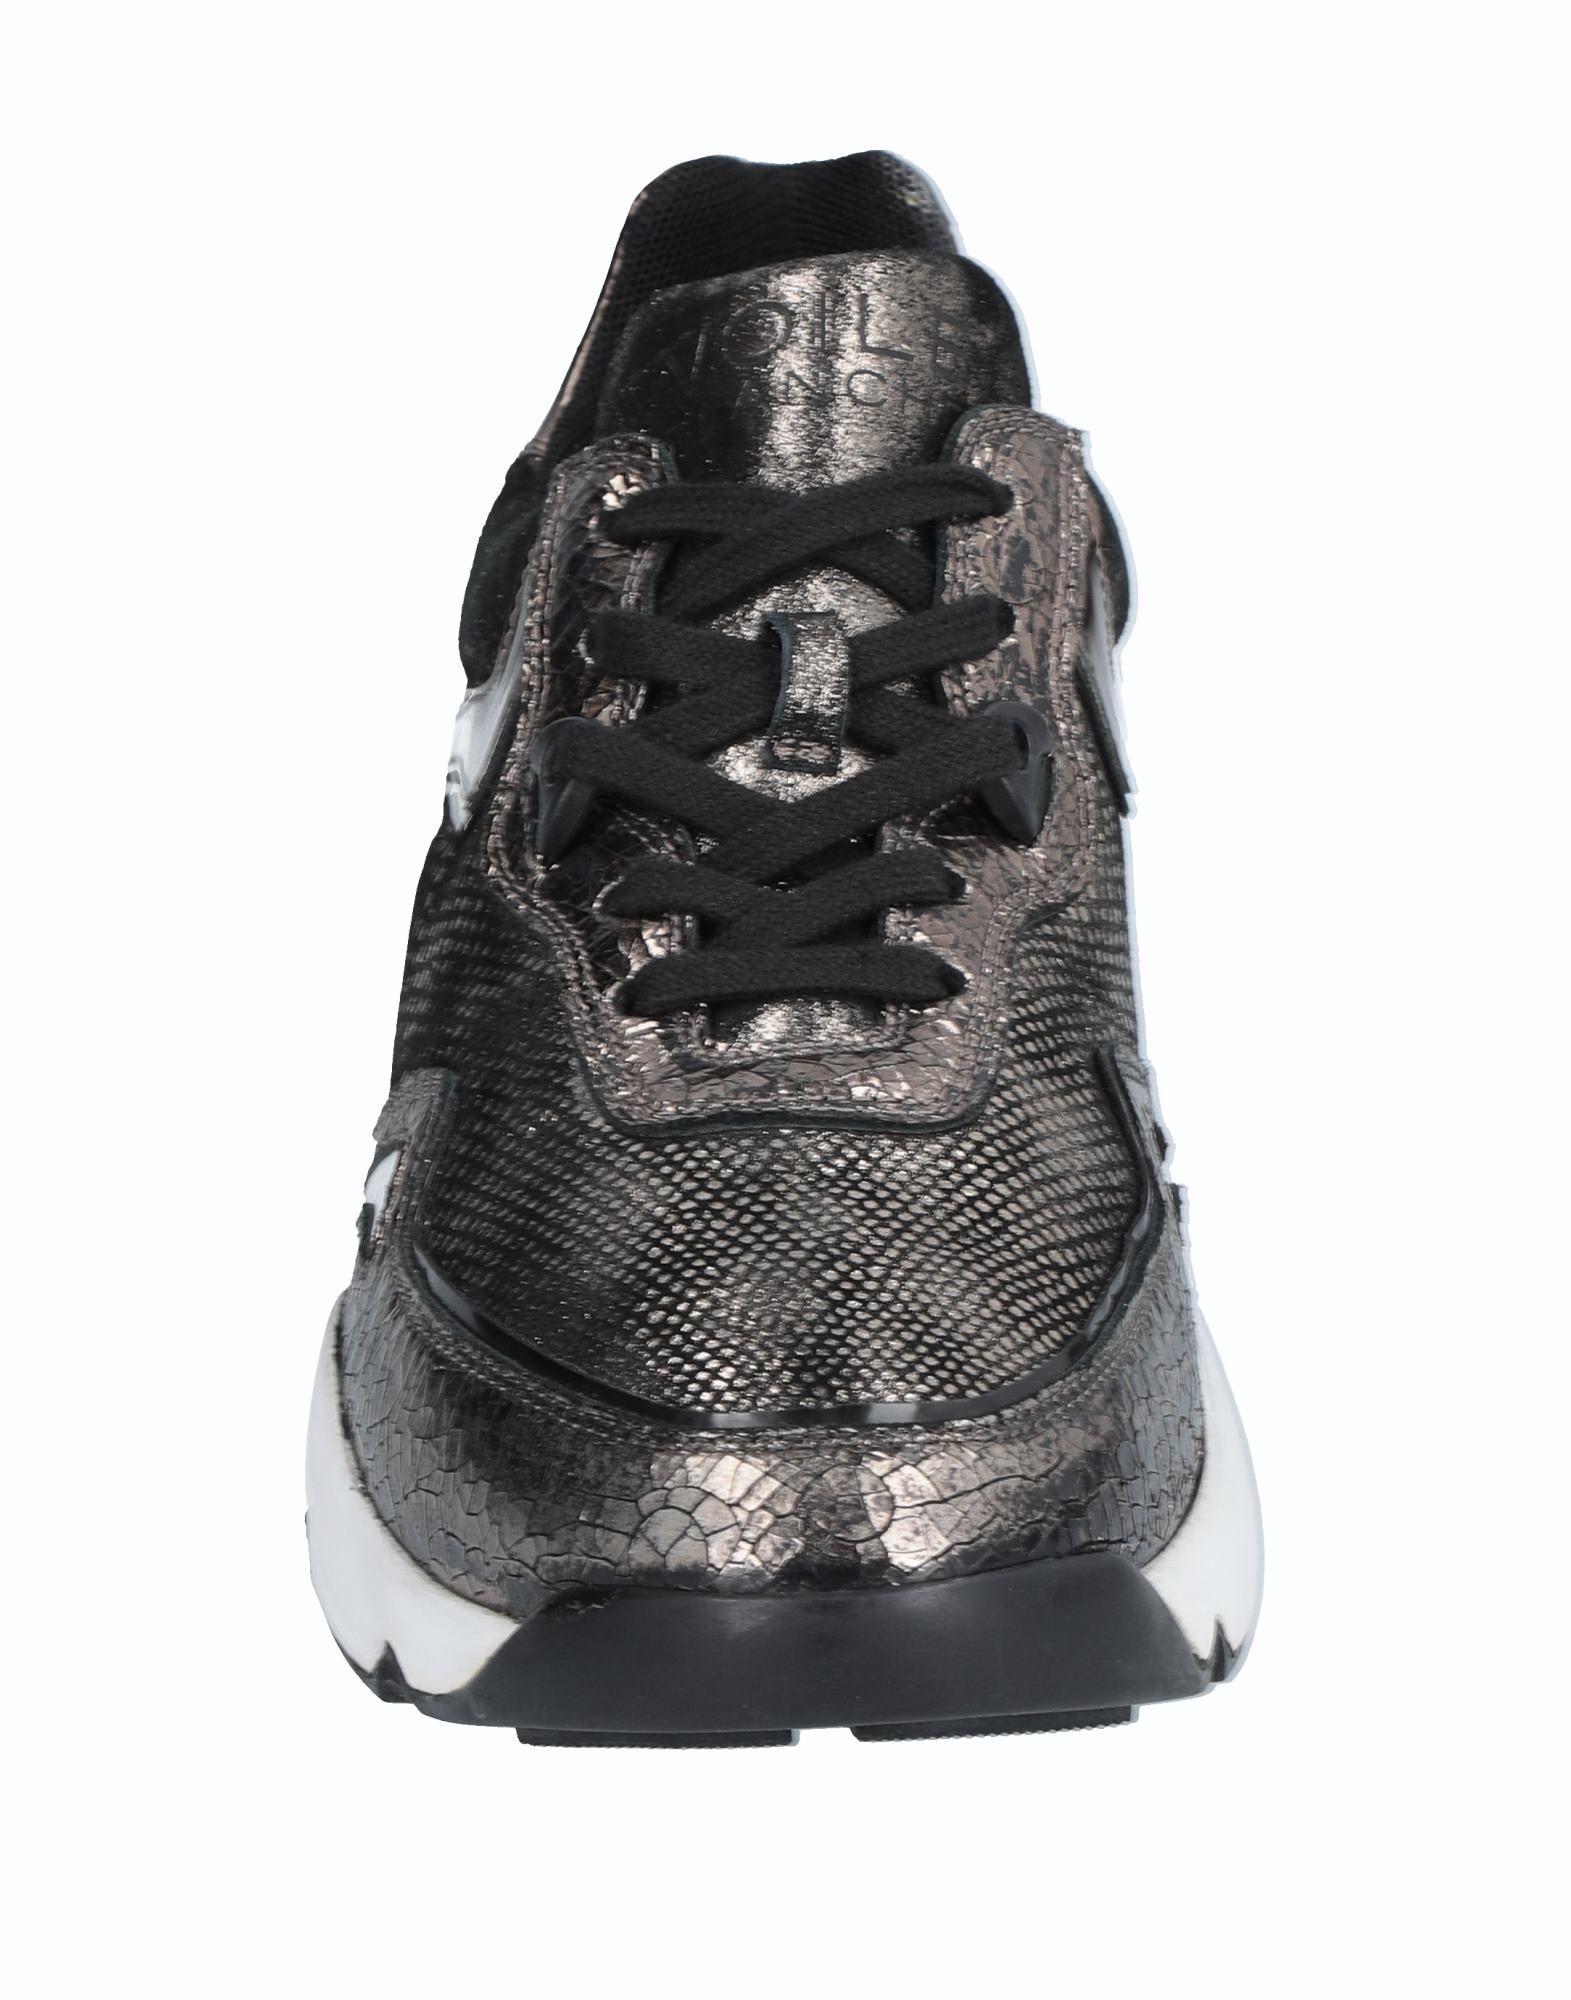 Stilvolle billige Schuhe Voile Blanche 11537170KE Sneakers Damen  11537170KE Blanche edd298